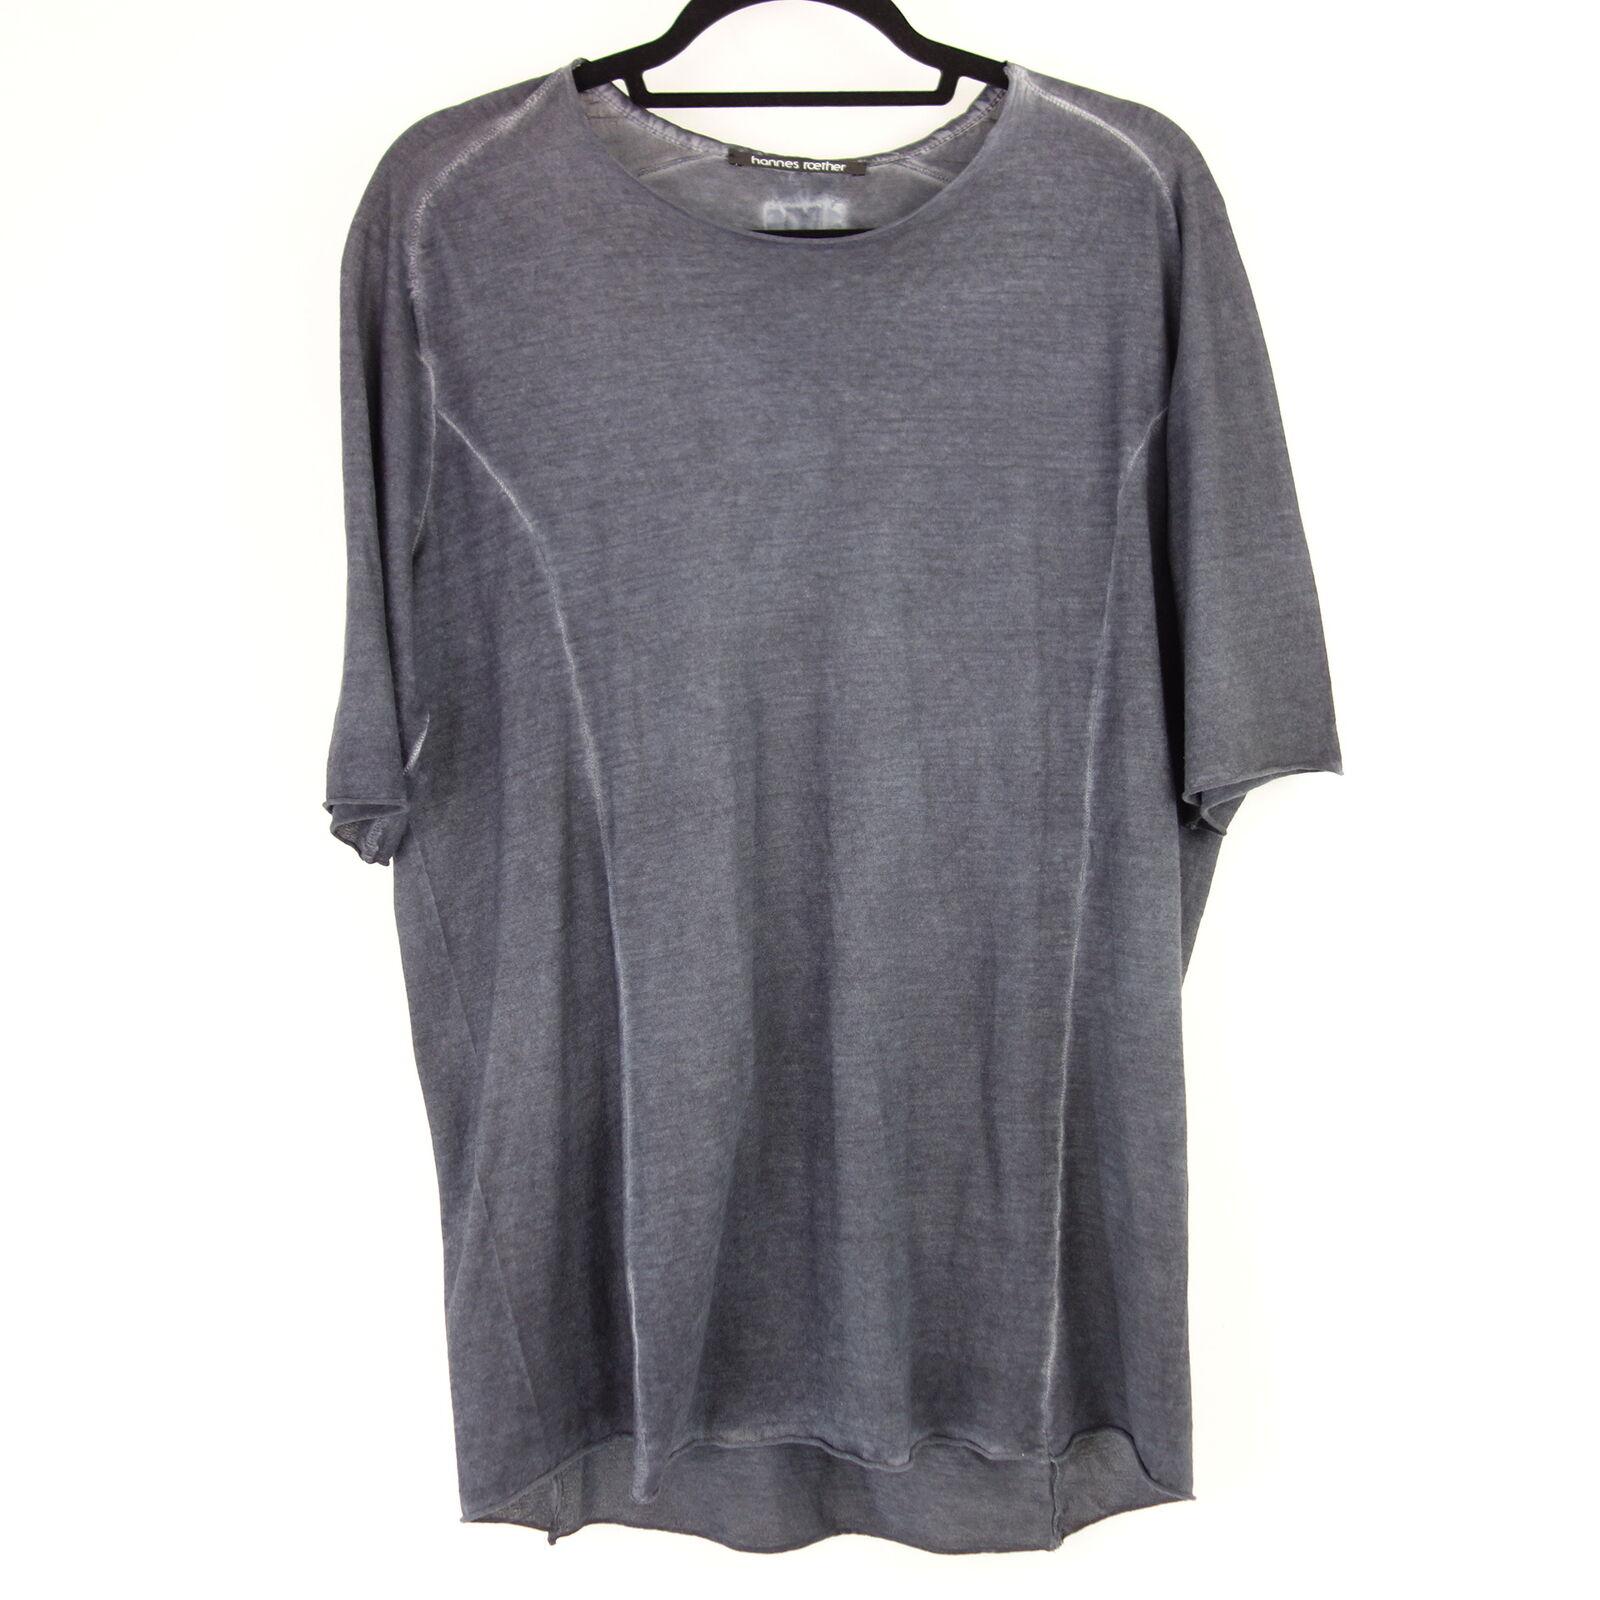 HANNES ROTHER Herren Shirt FA35KIR S M Blau Baumwolle Rollbund Kurzarm NP 89